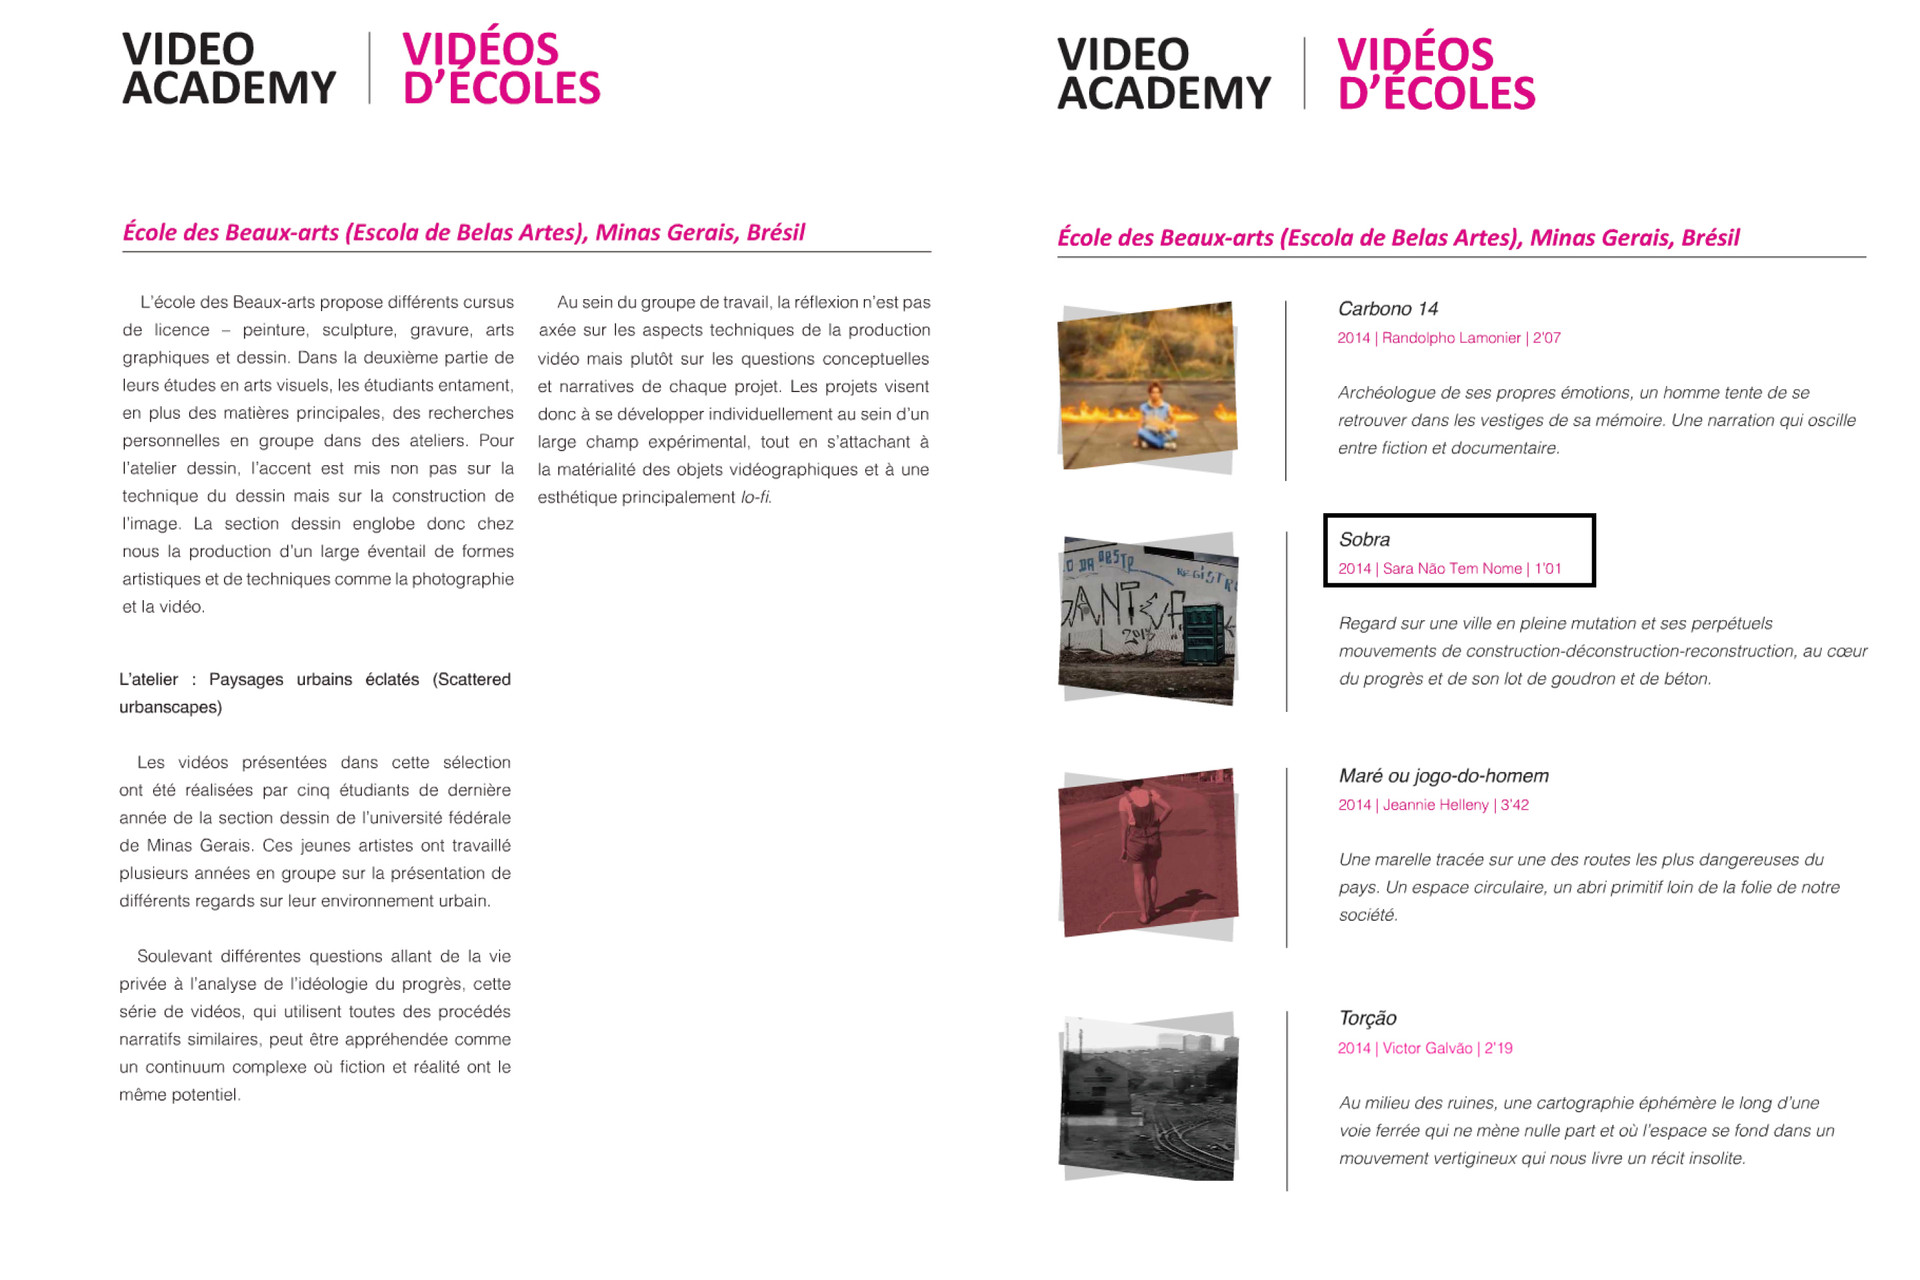 videoformes_marcado.jpg